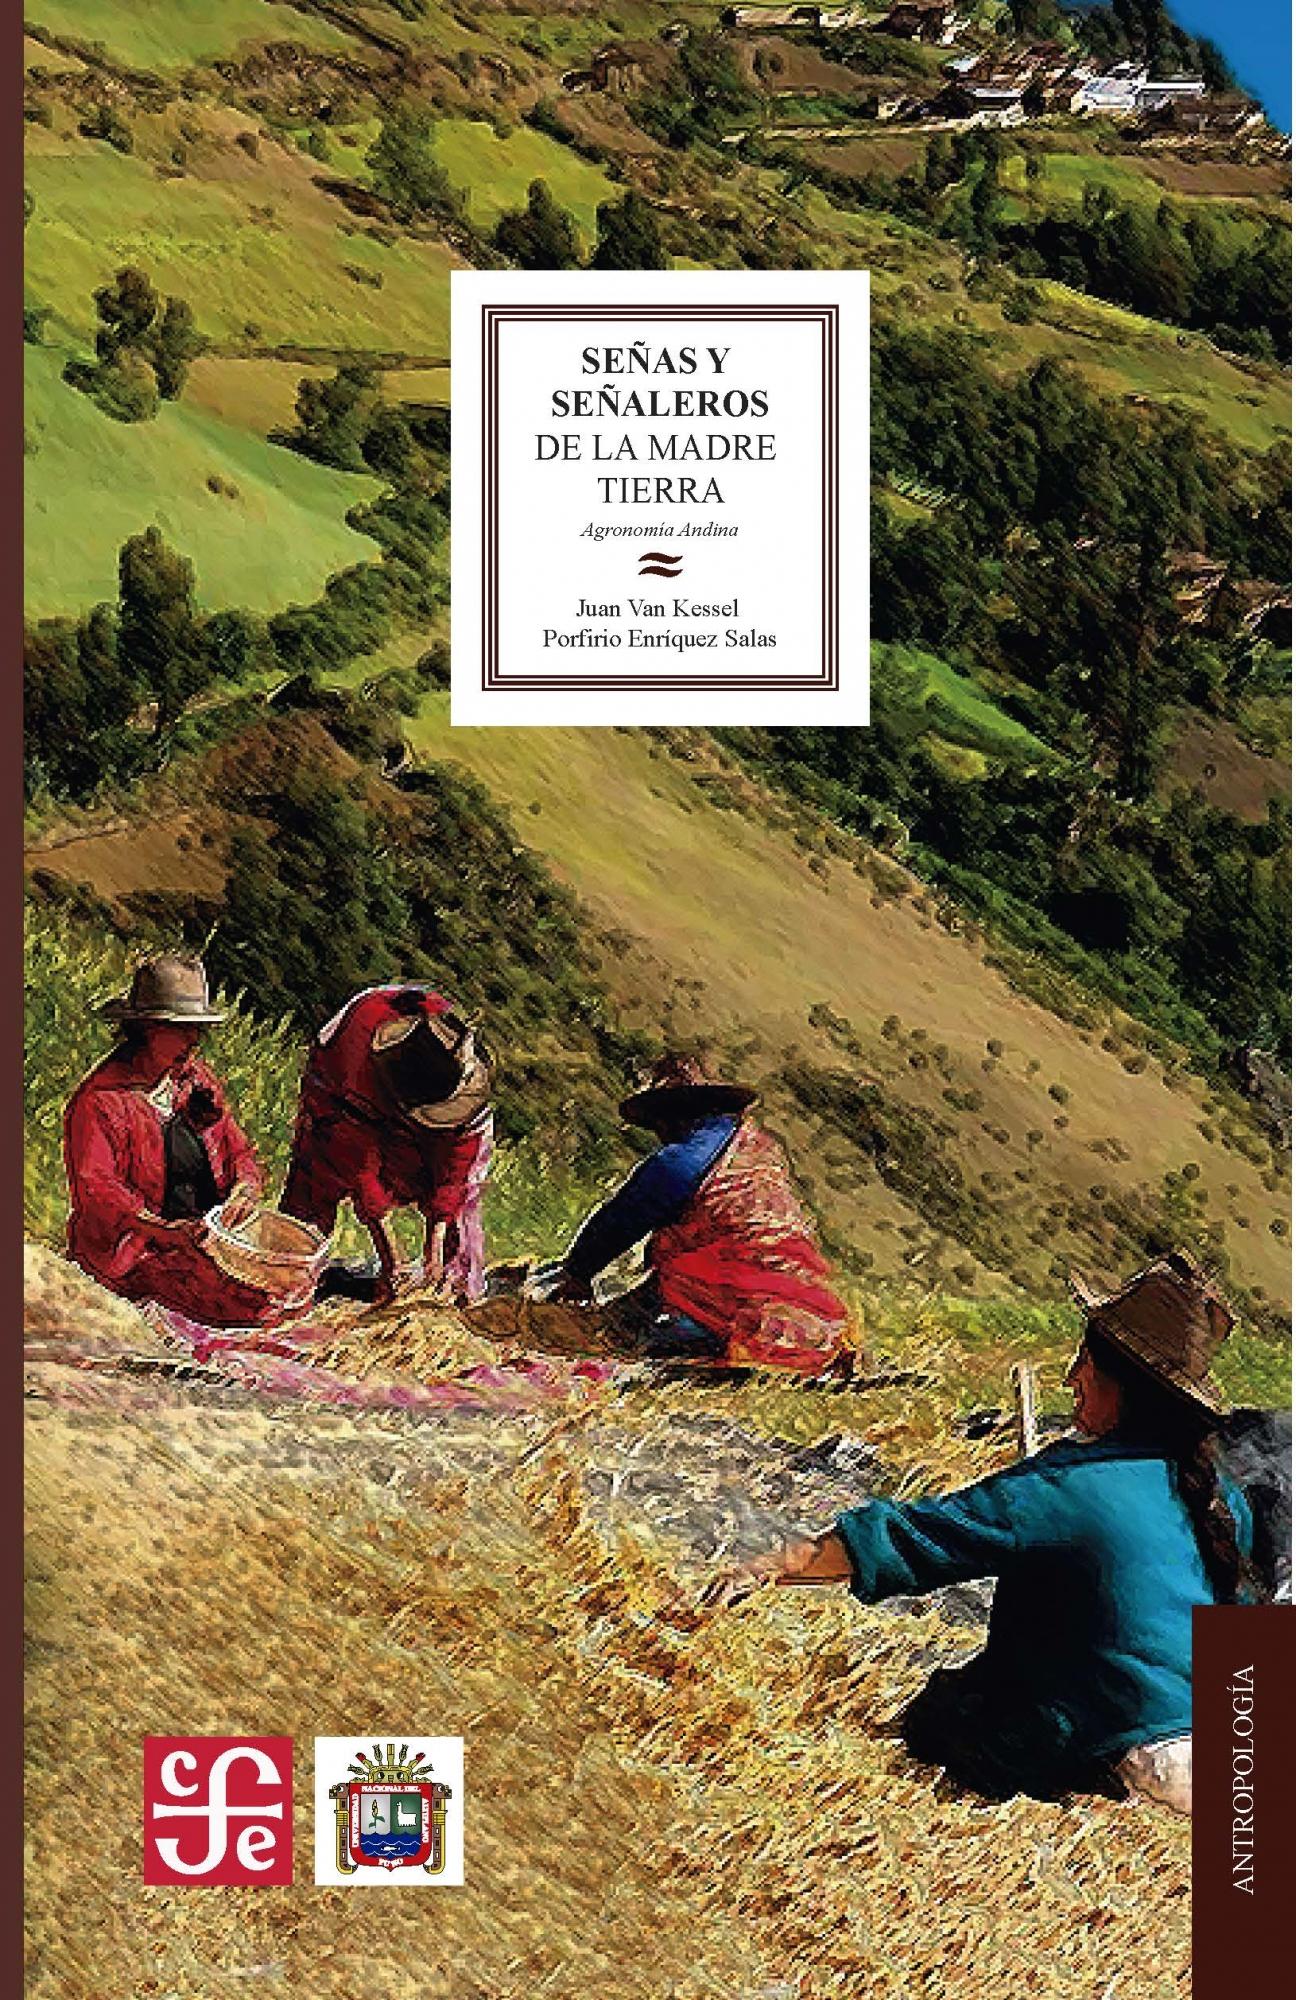 Señas y señaleros de la madre tierra: agronomía andina